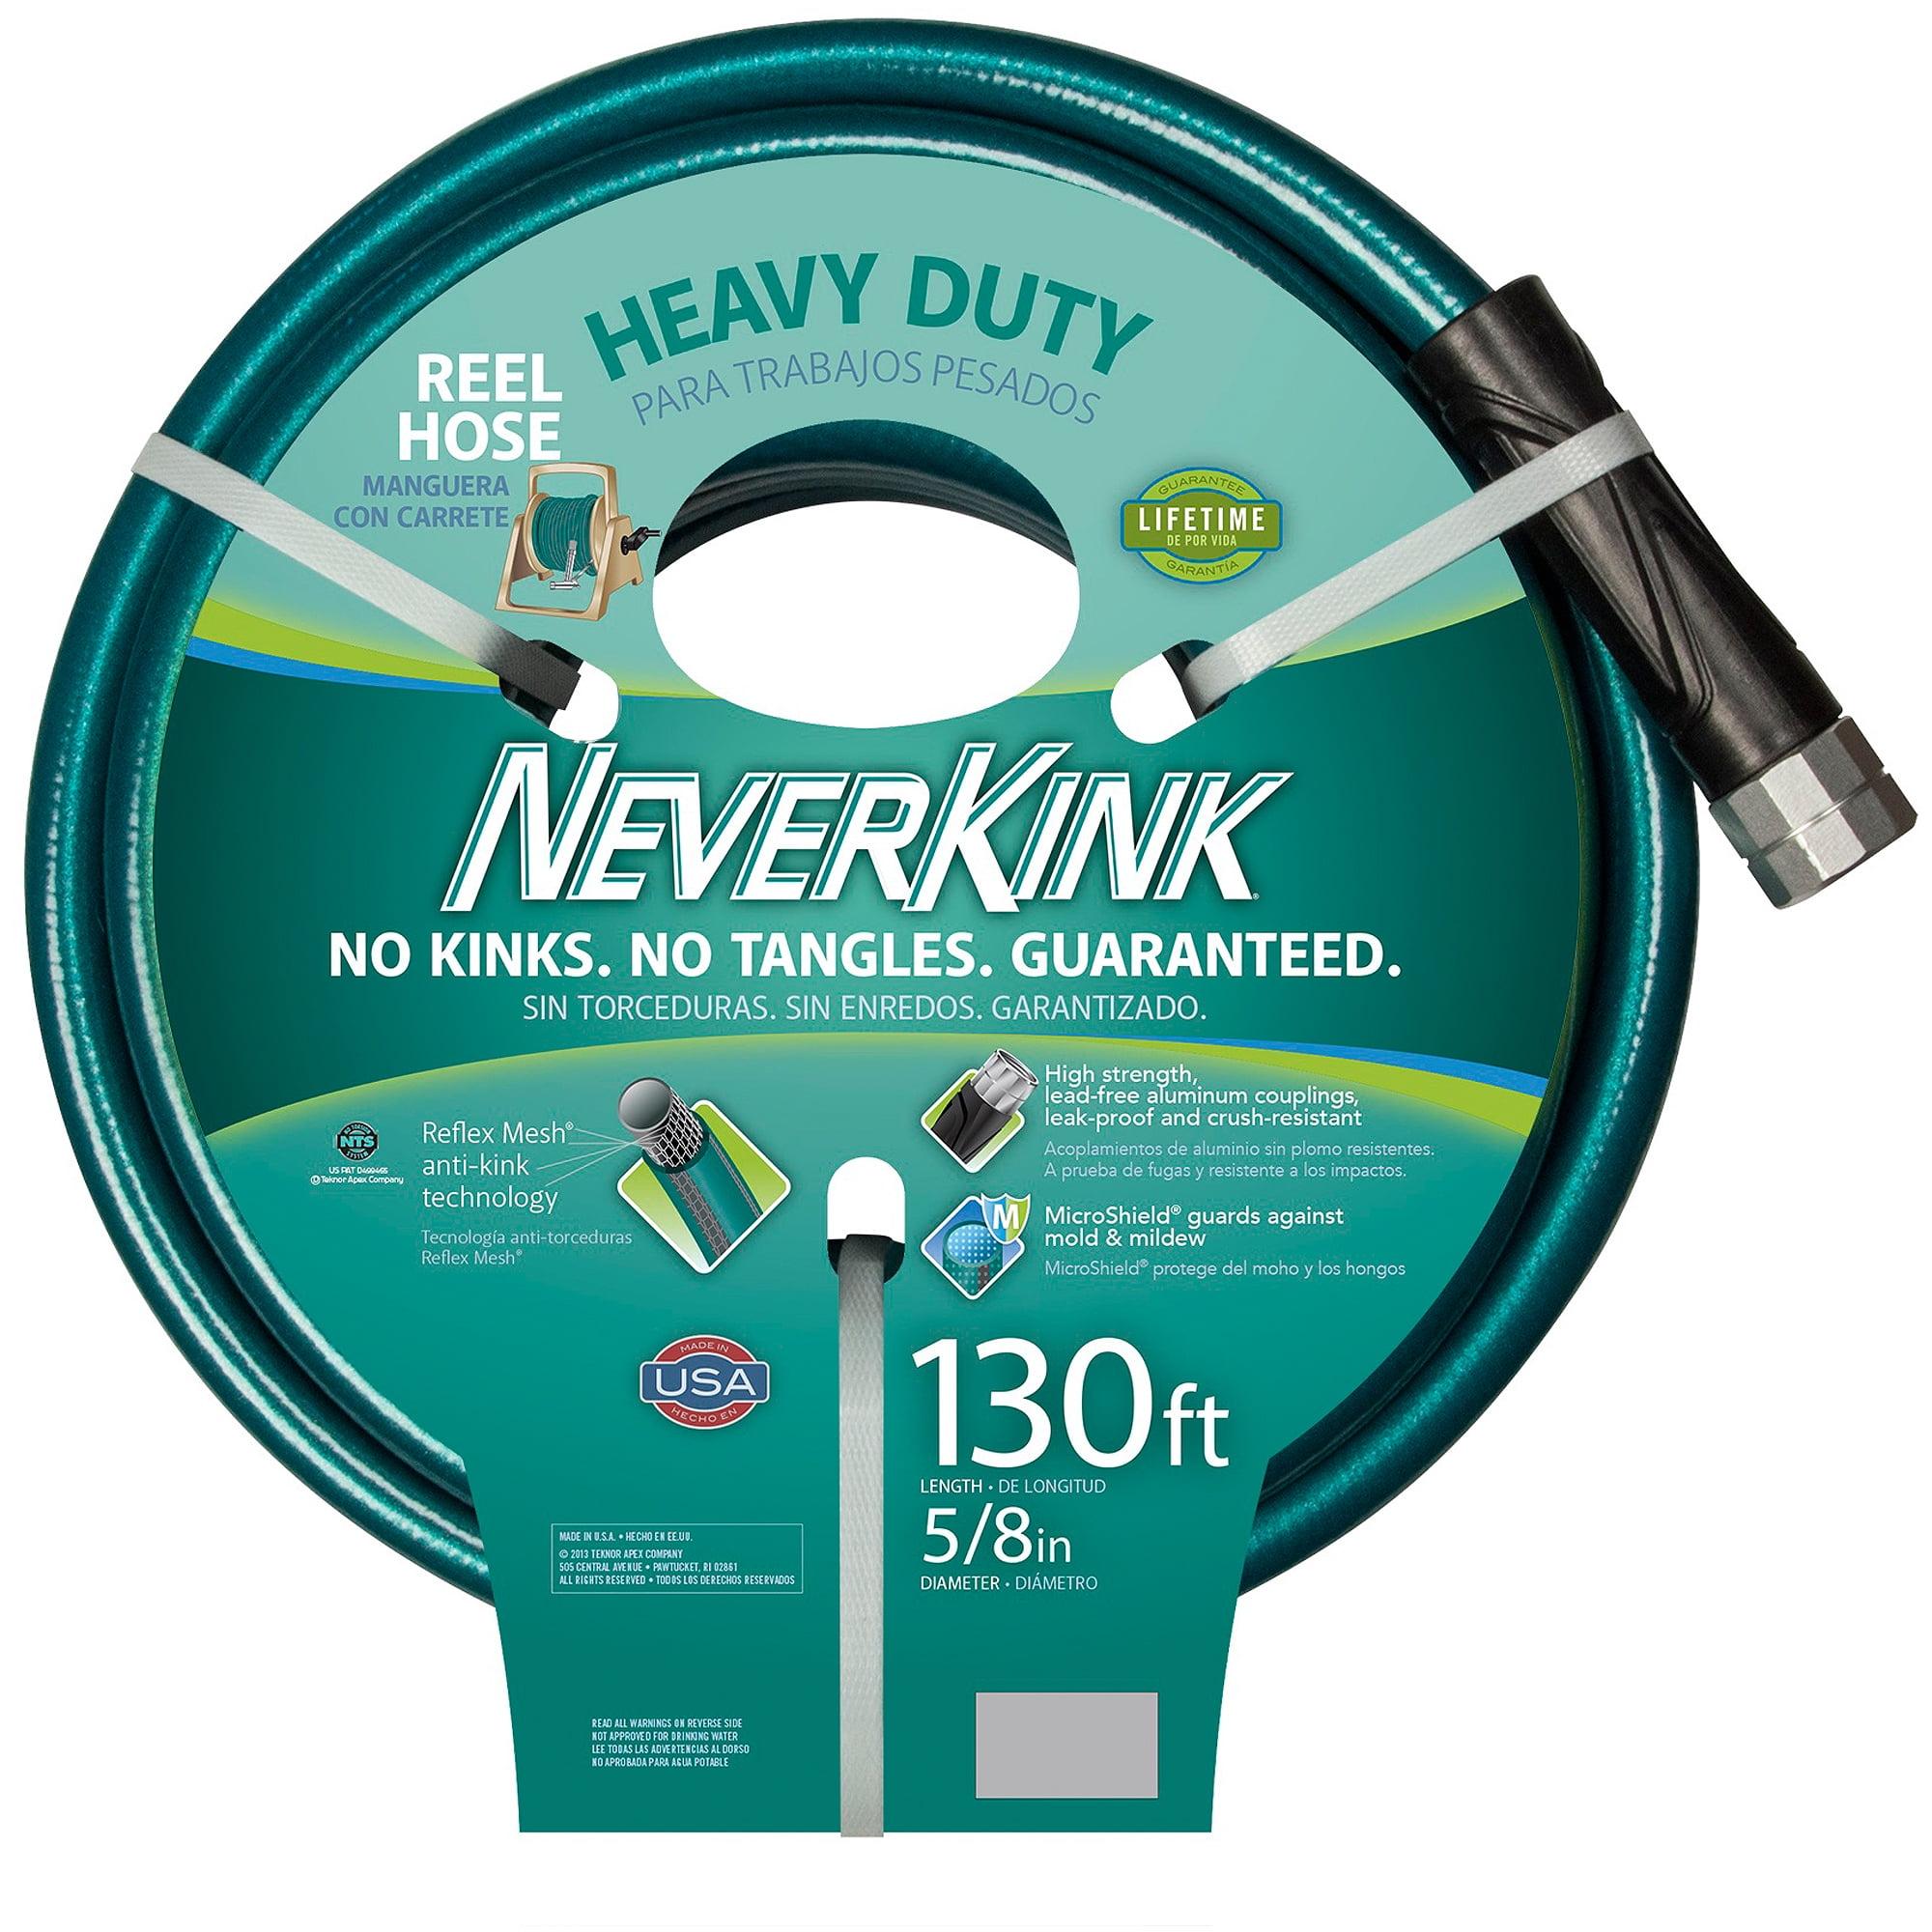 Teknor Apex Neverkink Hose, 130', Teal/Grey